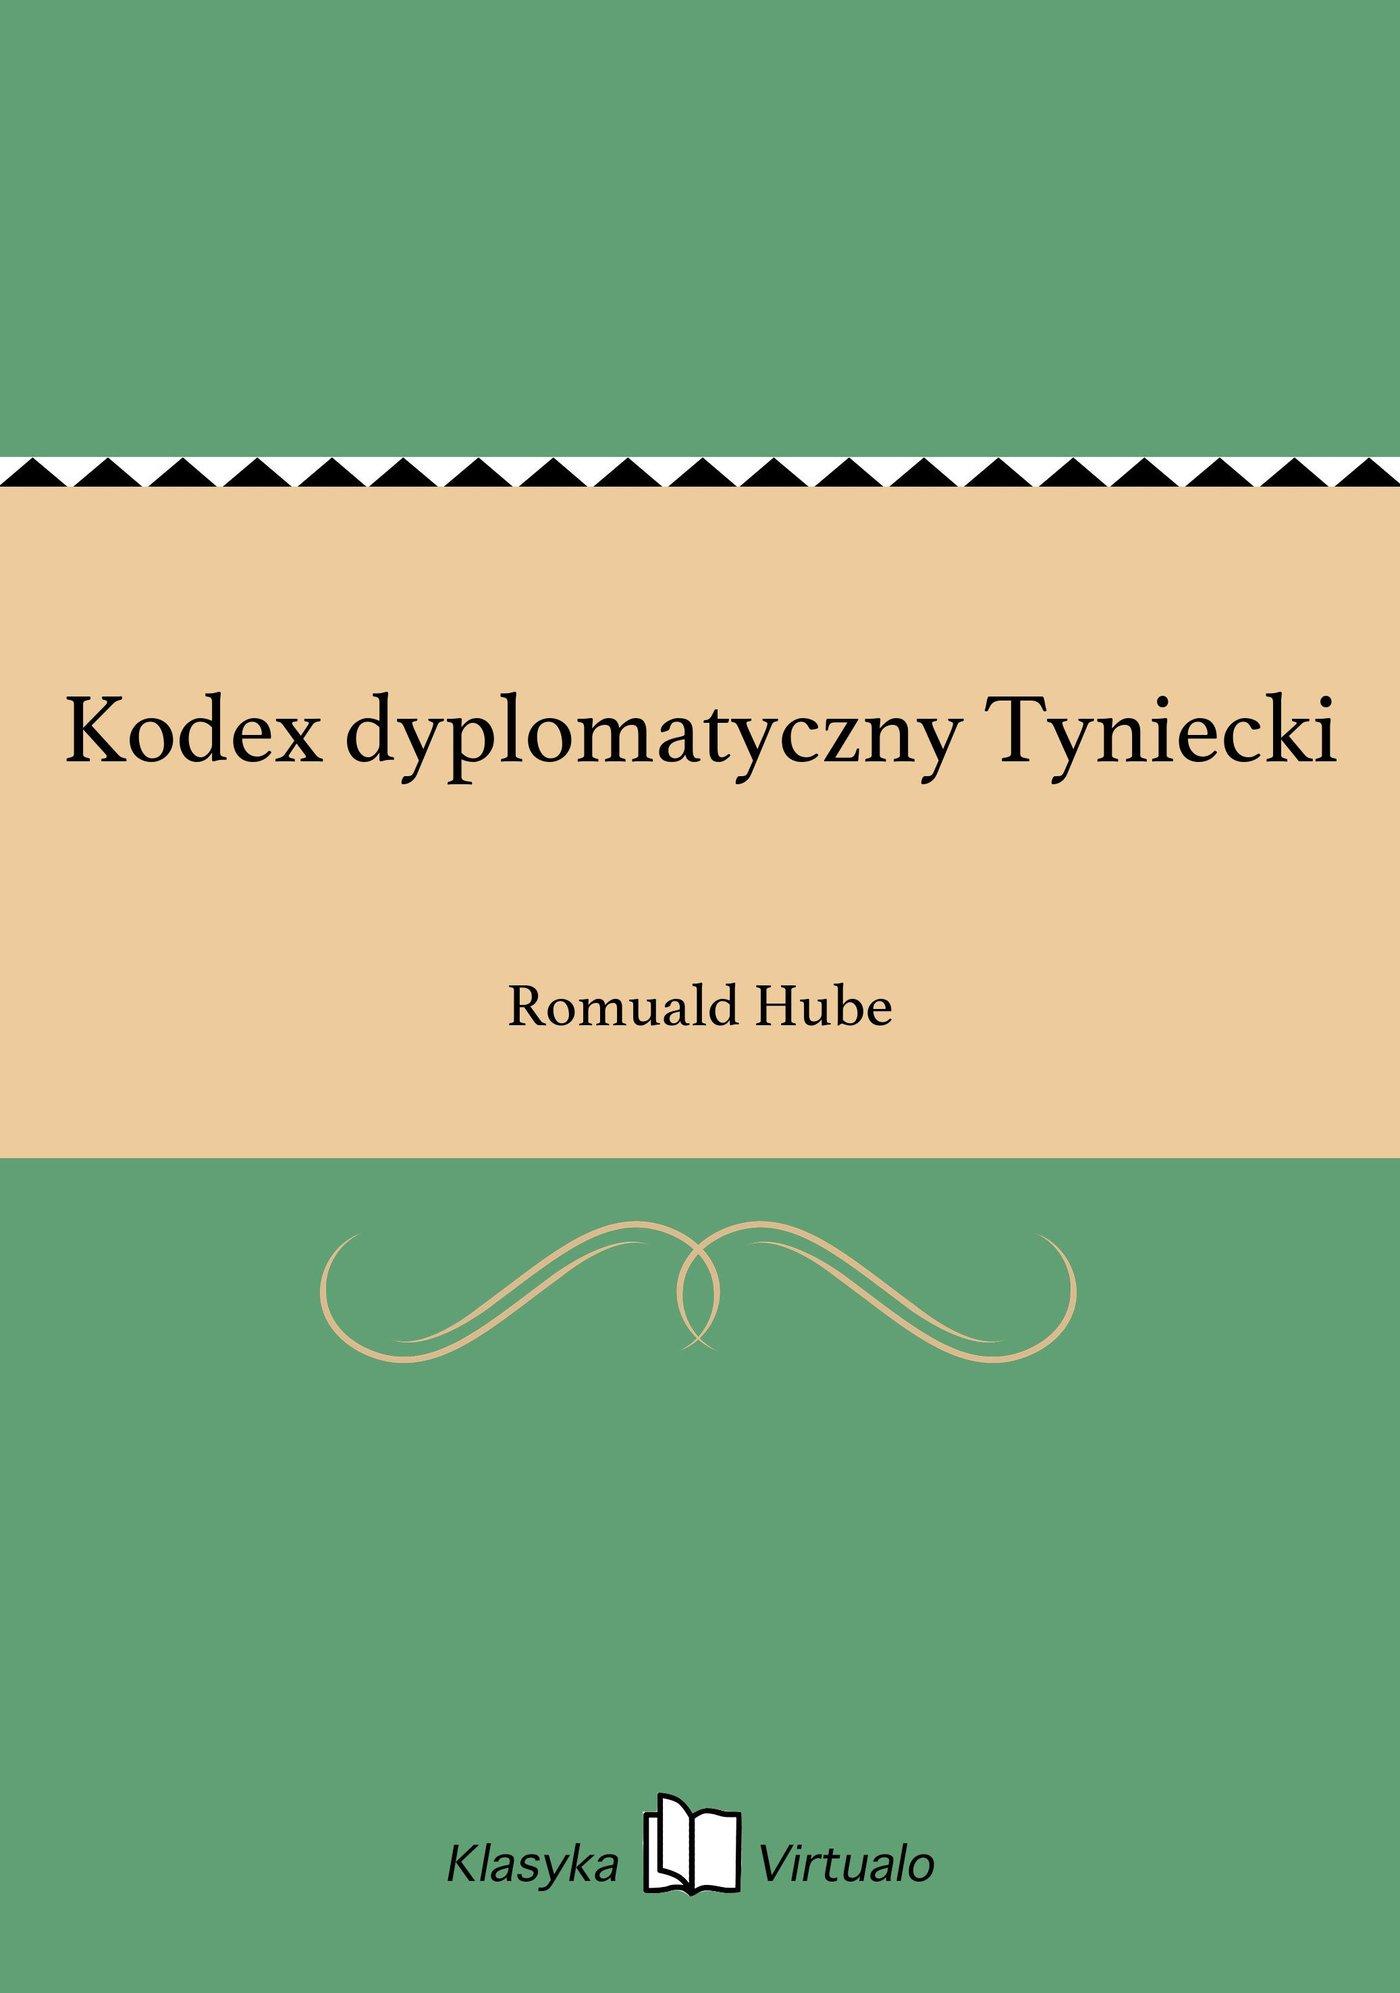 Kodex dyplomatyczny Tyniecki - Ebook (Książka na Kindle) do pobrania w formacie MOBI